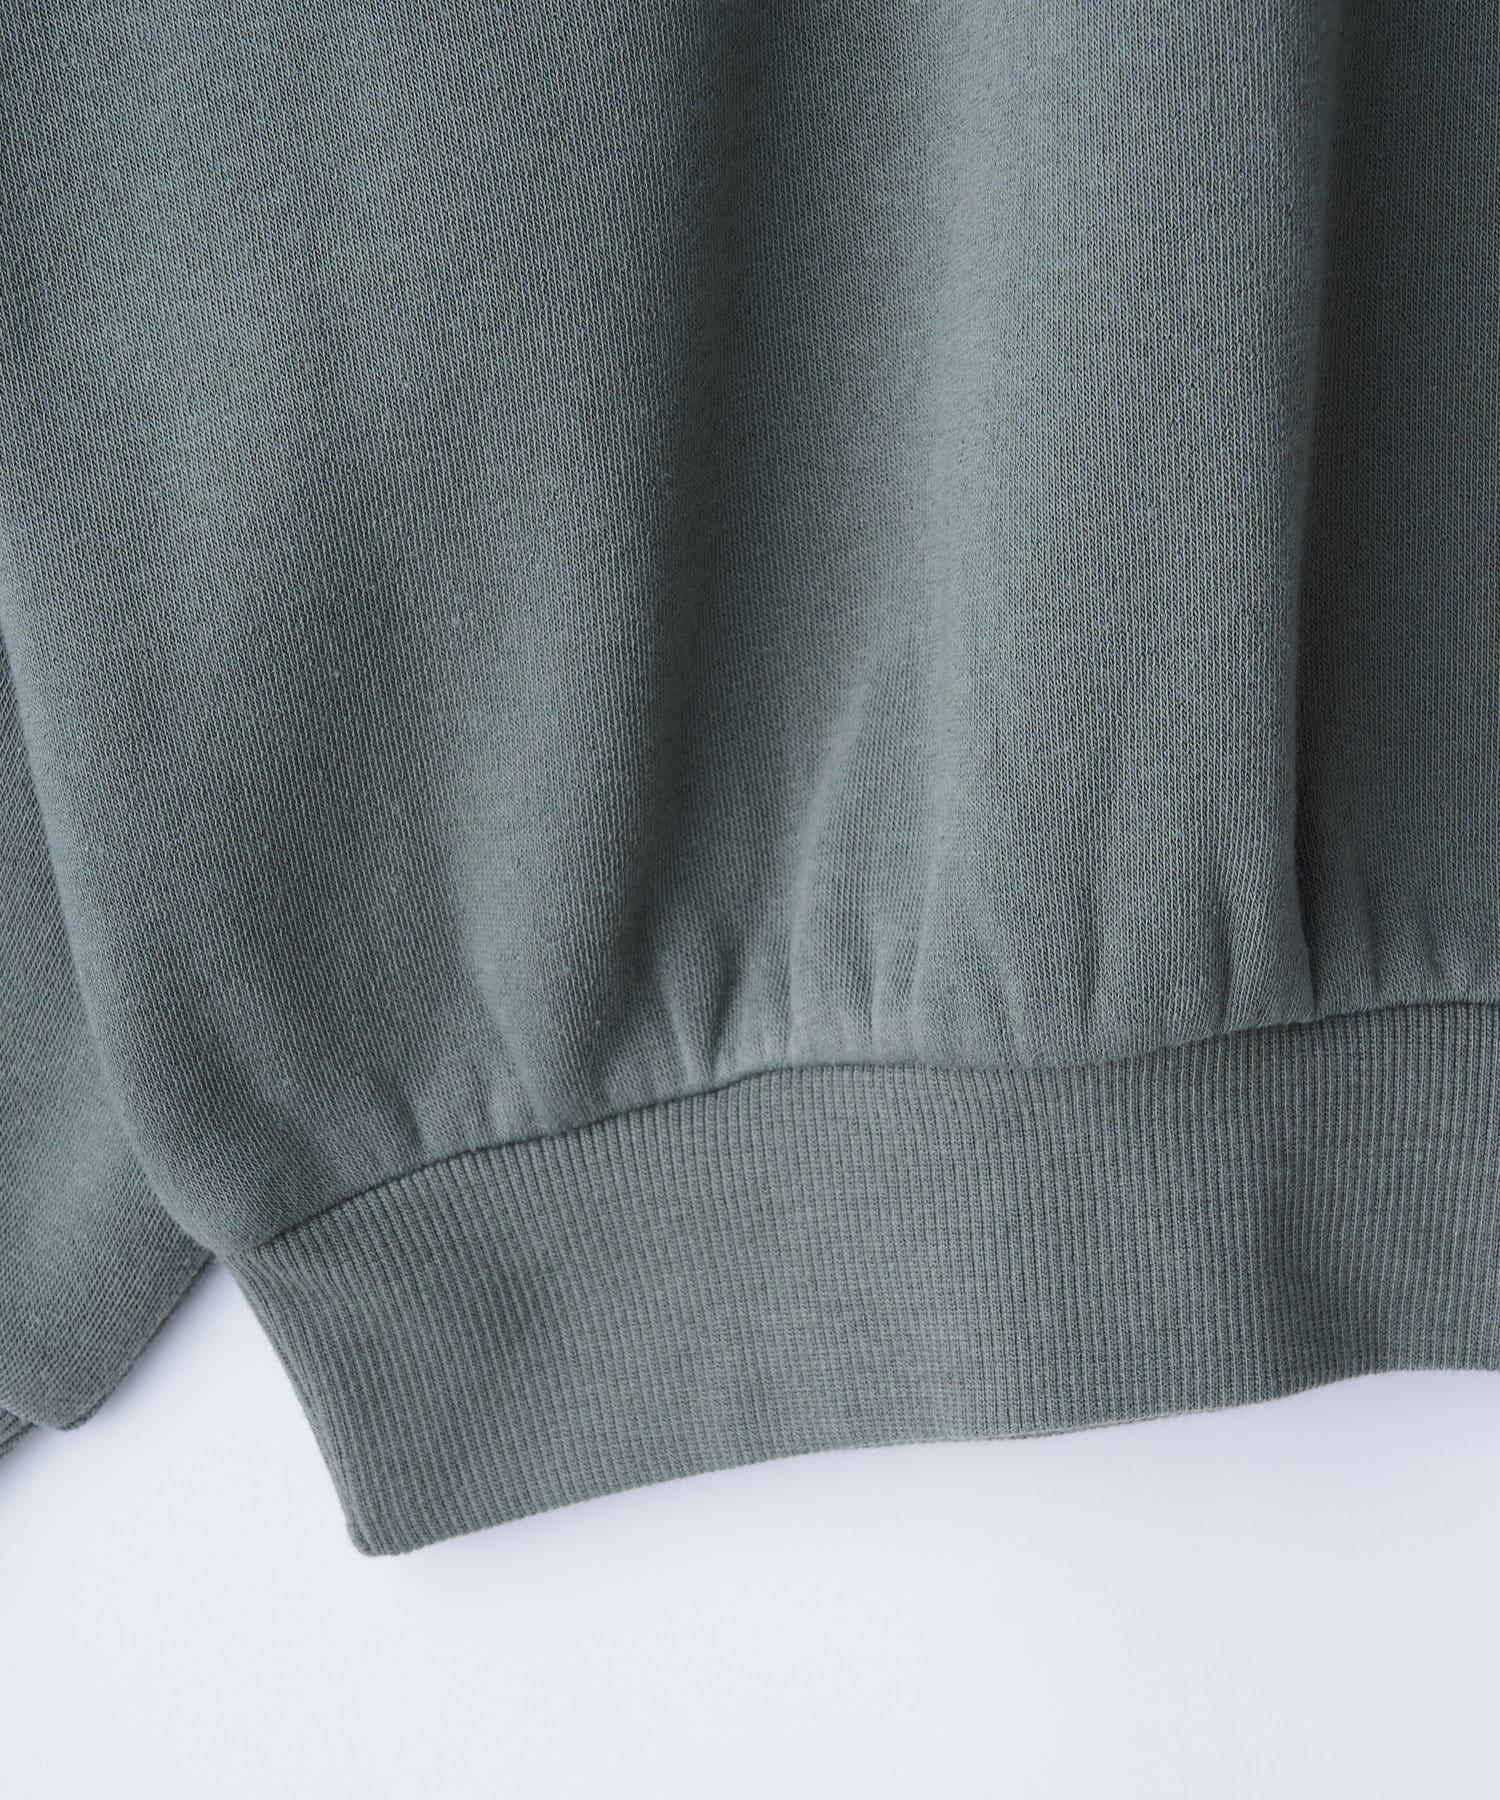 OLIVE des OLIVE OUTLET(オリーブ・デ・オリーブ アウトレット) 女の子刺繍裏起毛プルオーバー